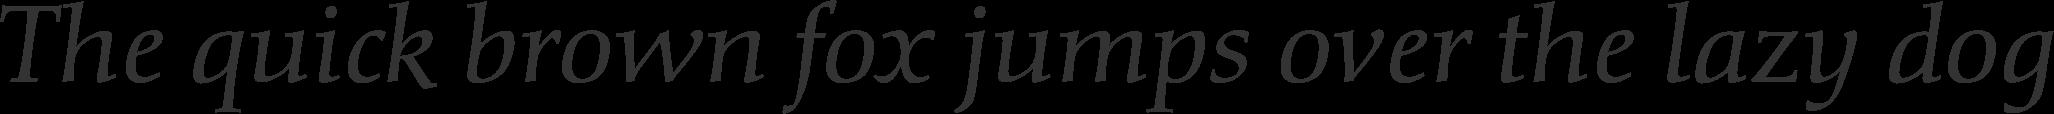 Diotima Classic LT Pro Regular italic